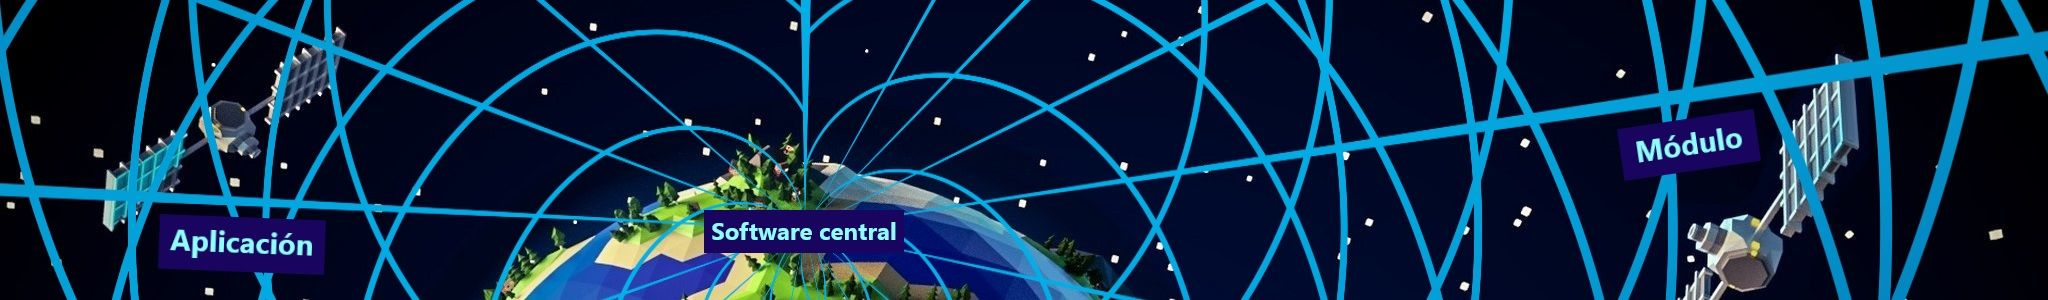 satelite integracion procesos erp